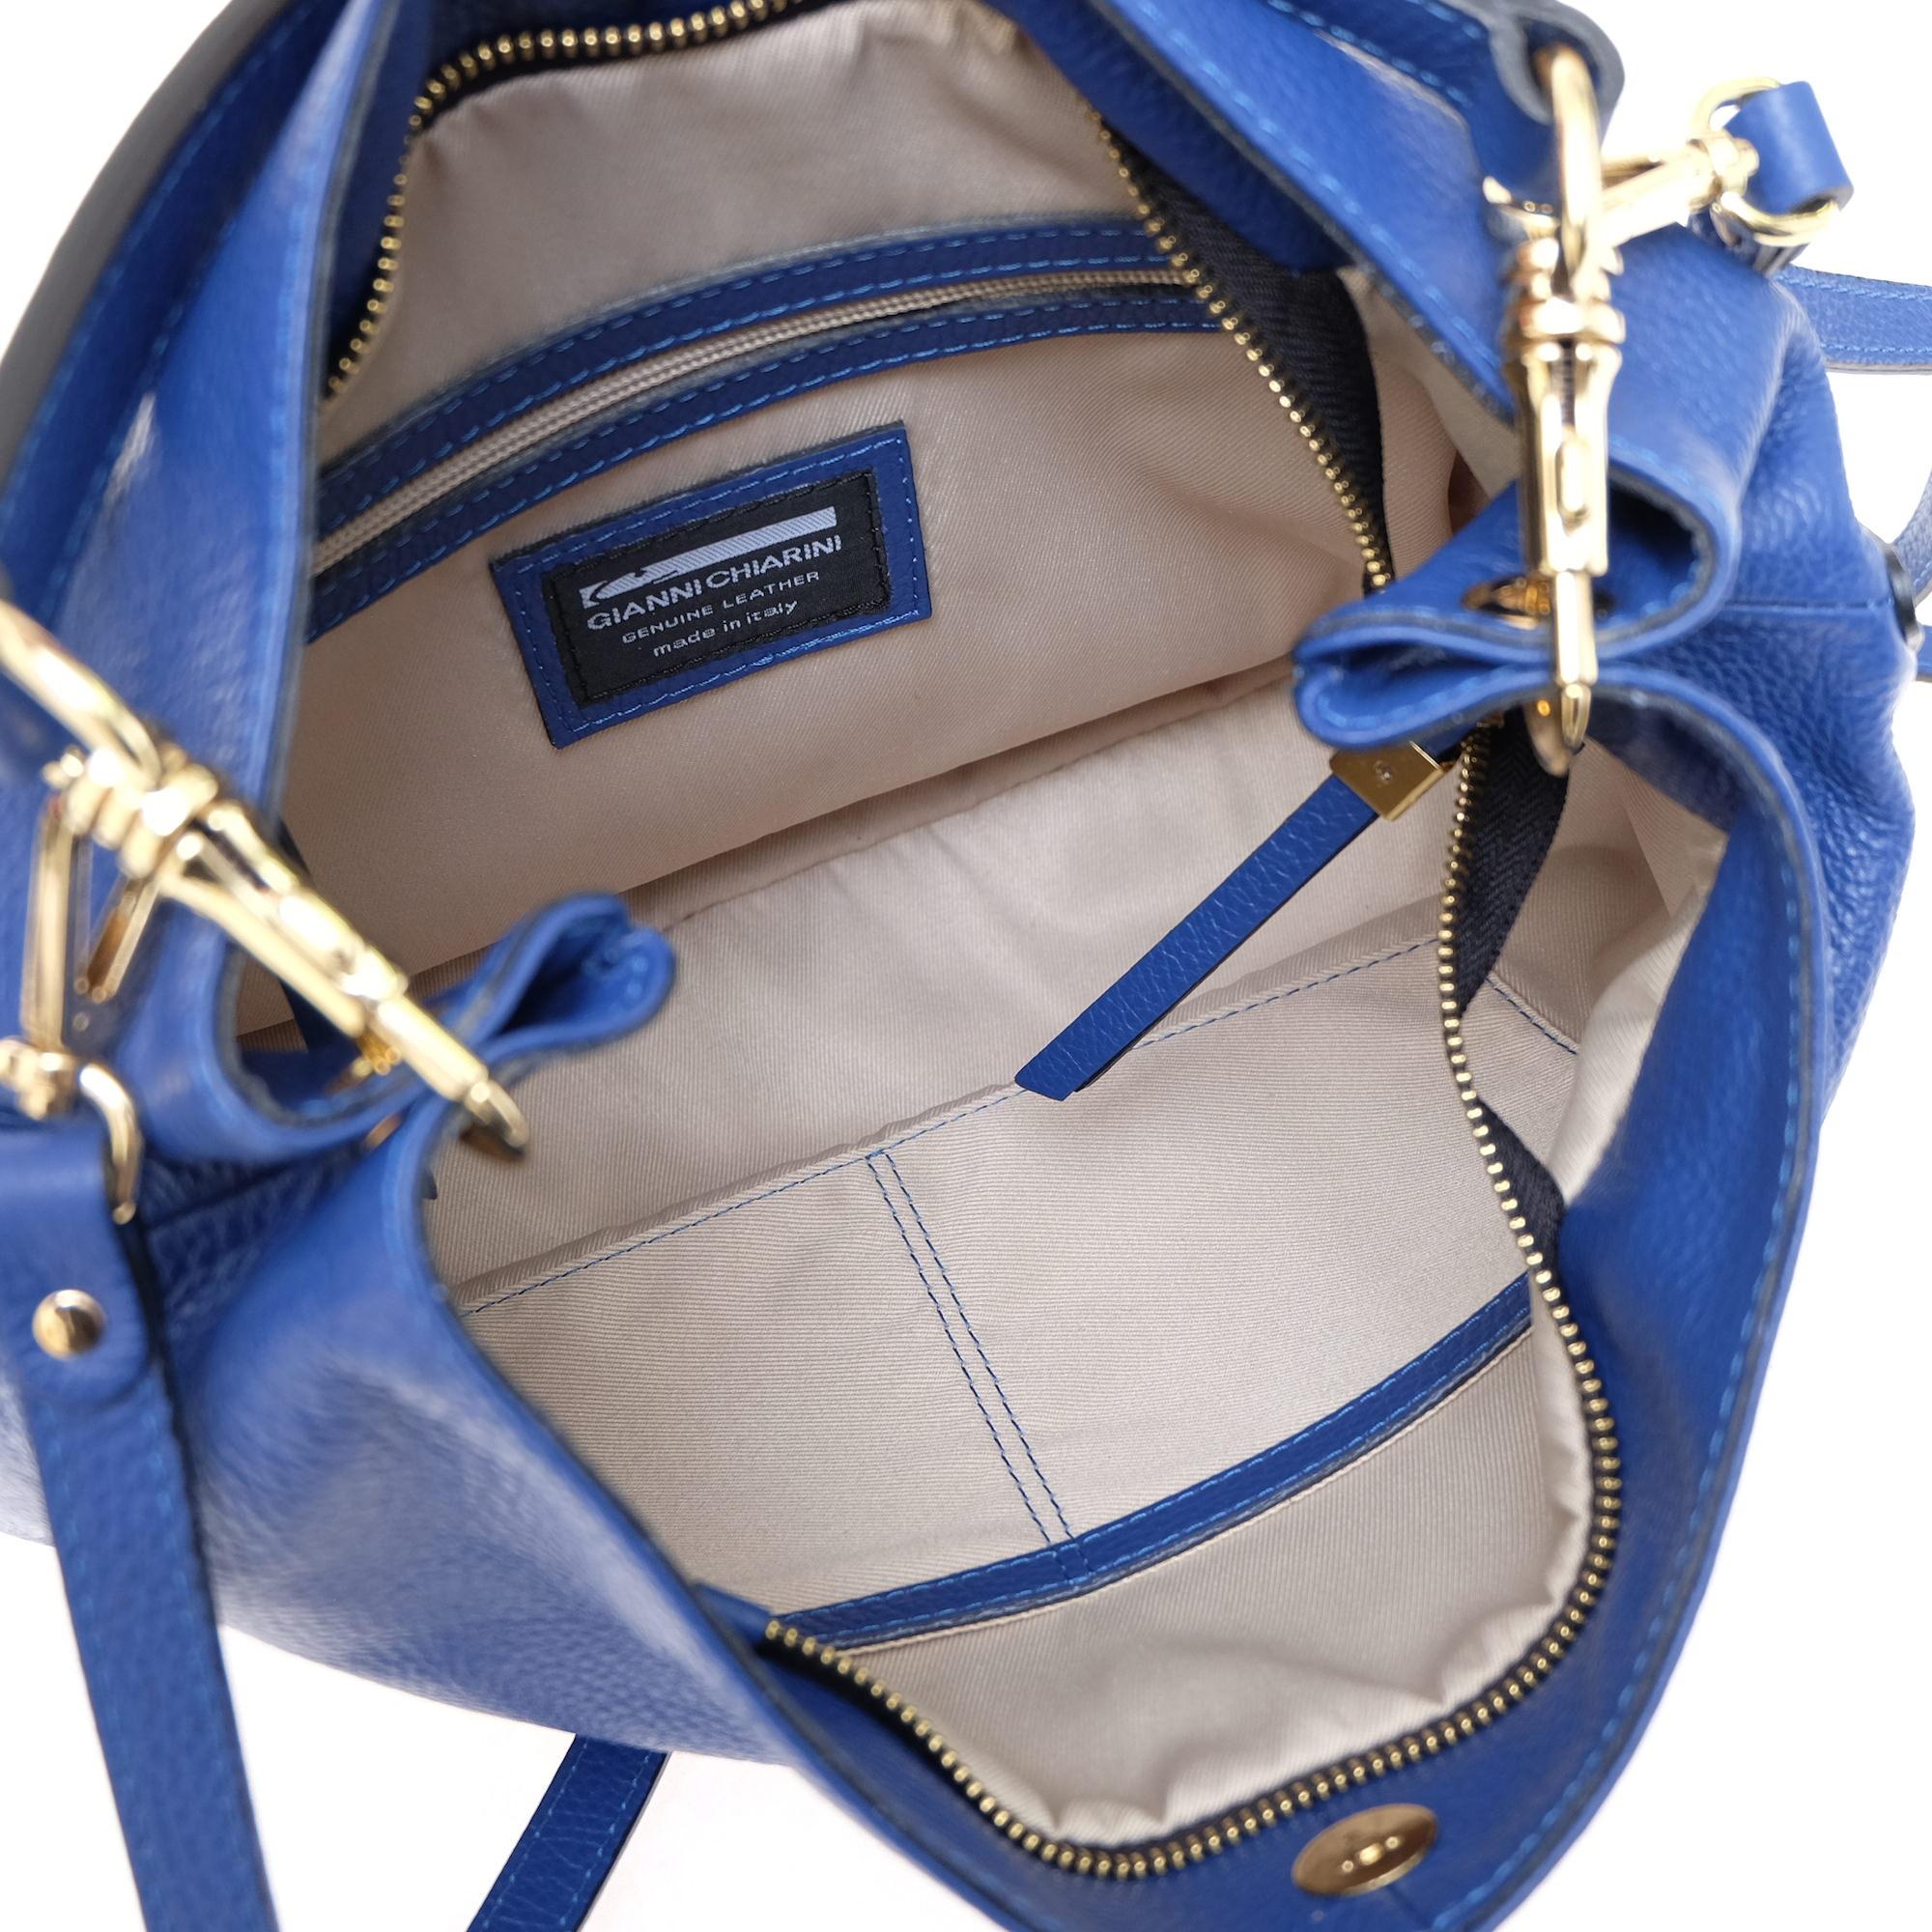 31cceddb45d5 ブランド説明. 1970年代前半にフィレンツェのバッグ工房として誕生した「GIANNI CHIARINI(ジャンニ・ ...